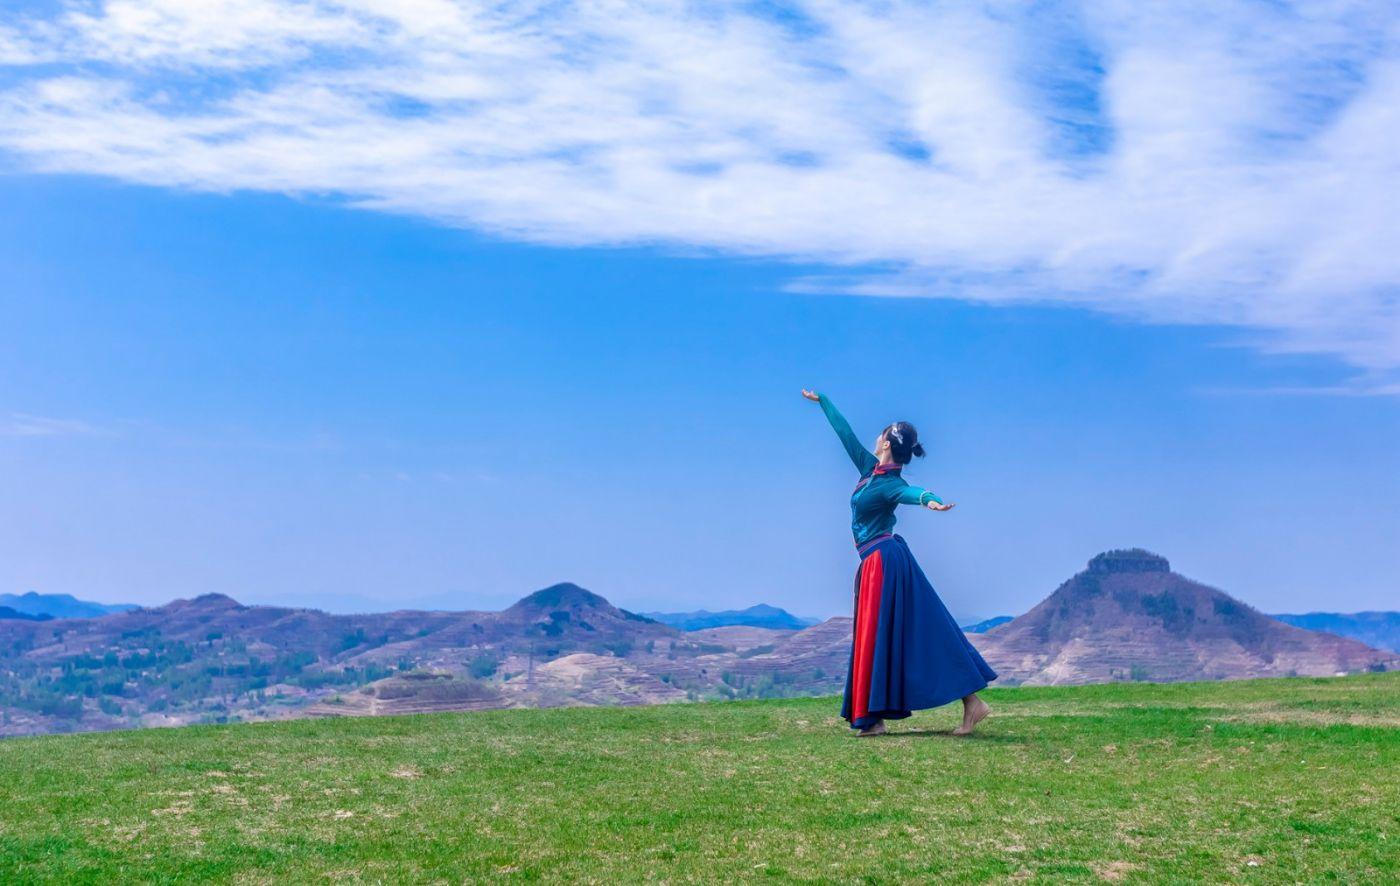 崮上草原有位女孩在翩翩起舞 她要和你邂逅在崮上花开的季节 ..._图1-15